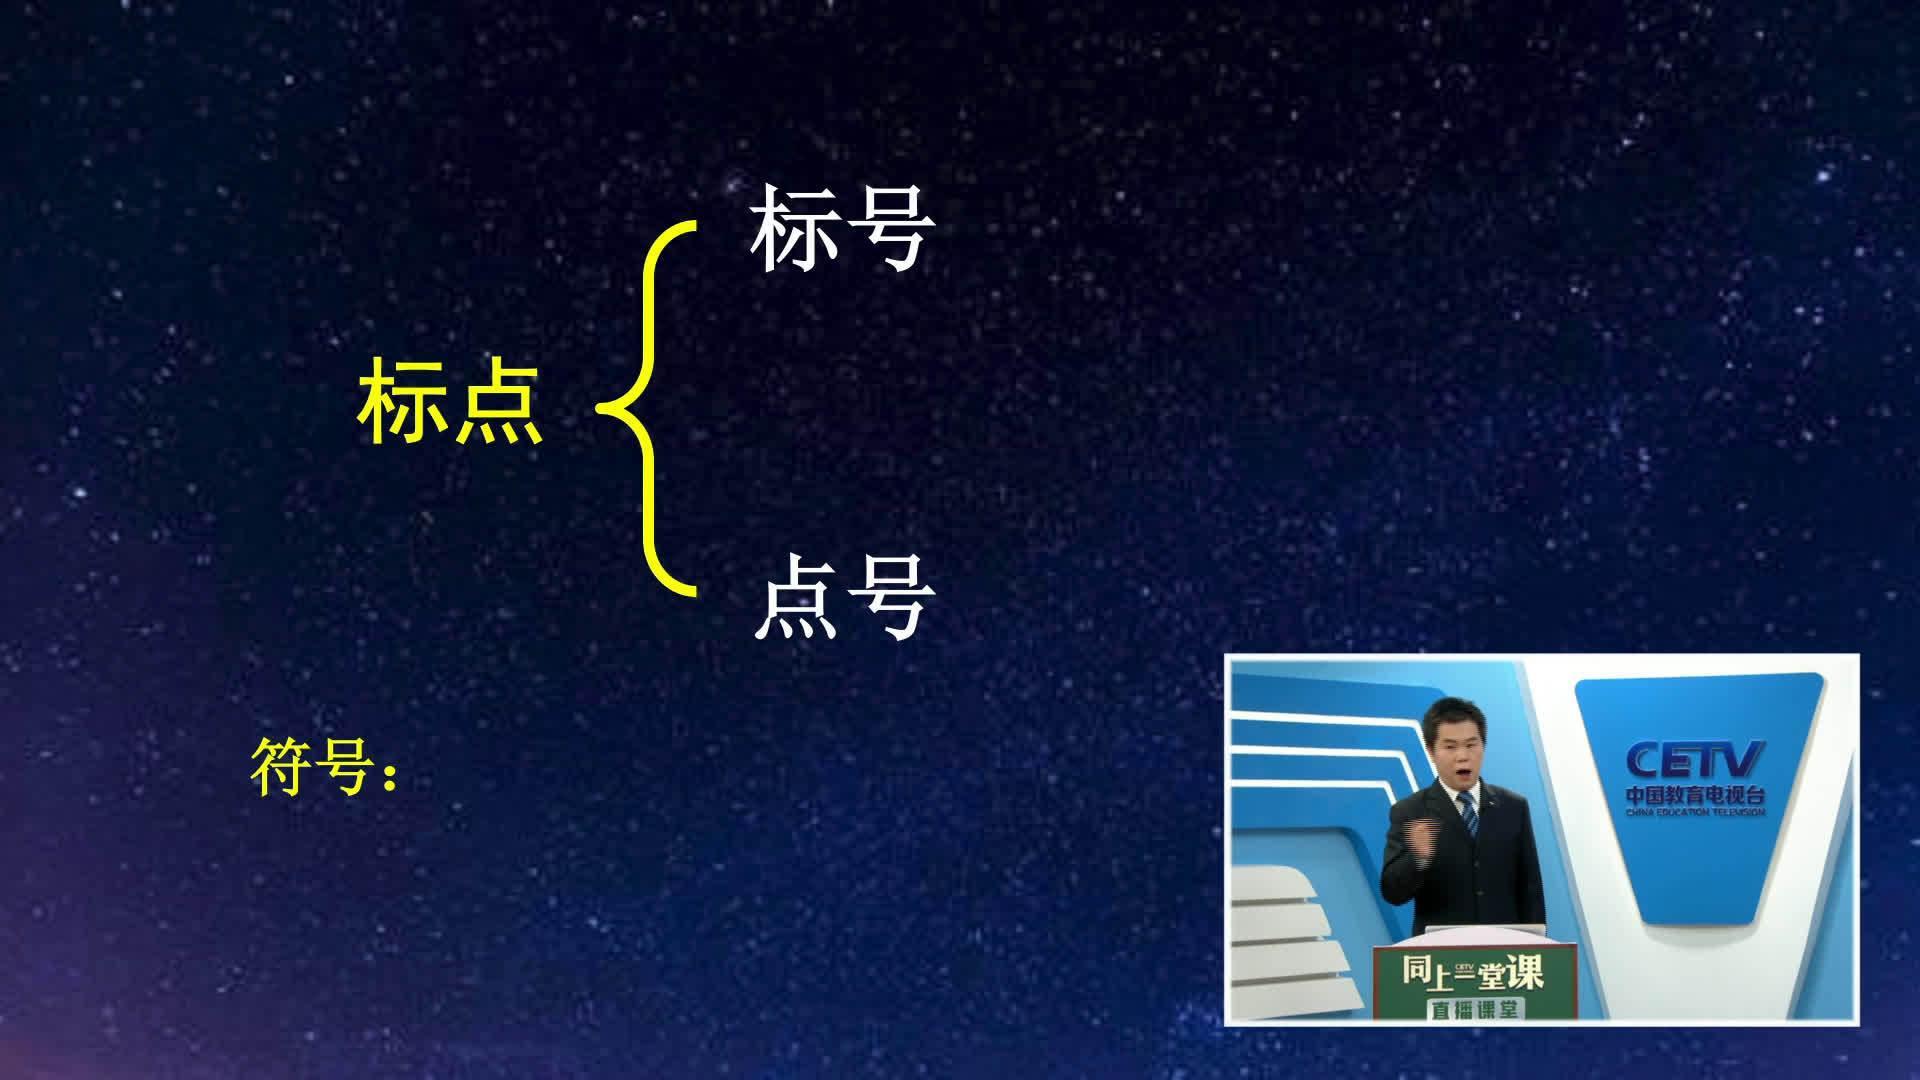 标点符号都有哪些?北师大附属实验中学袁海荣老师:标点符号